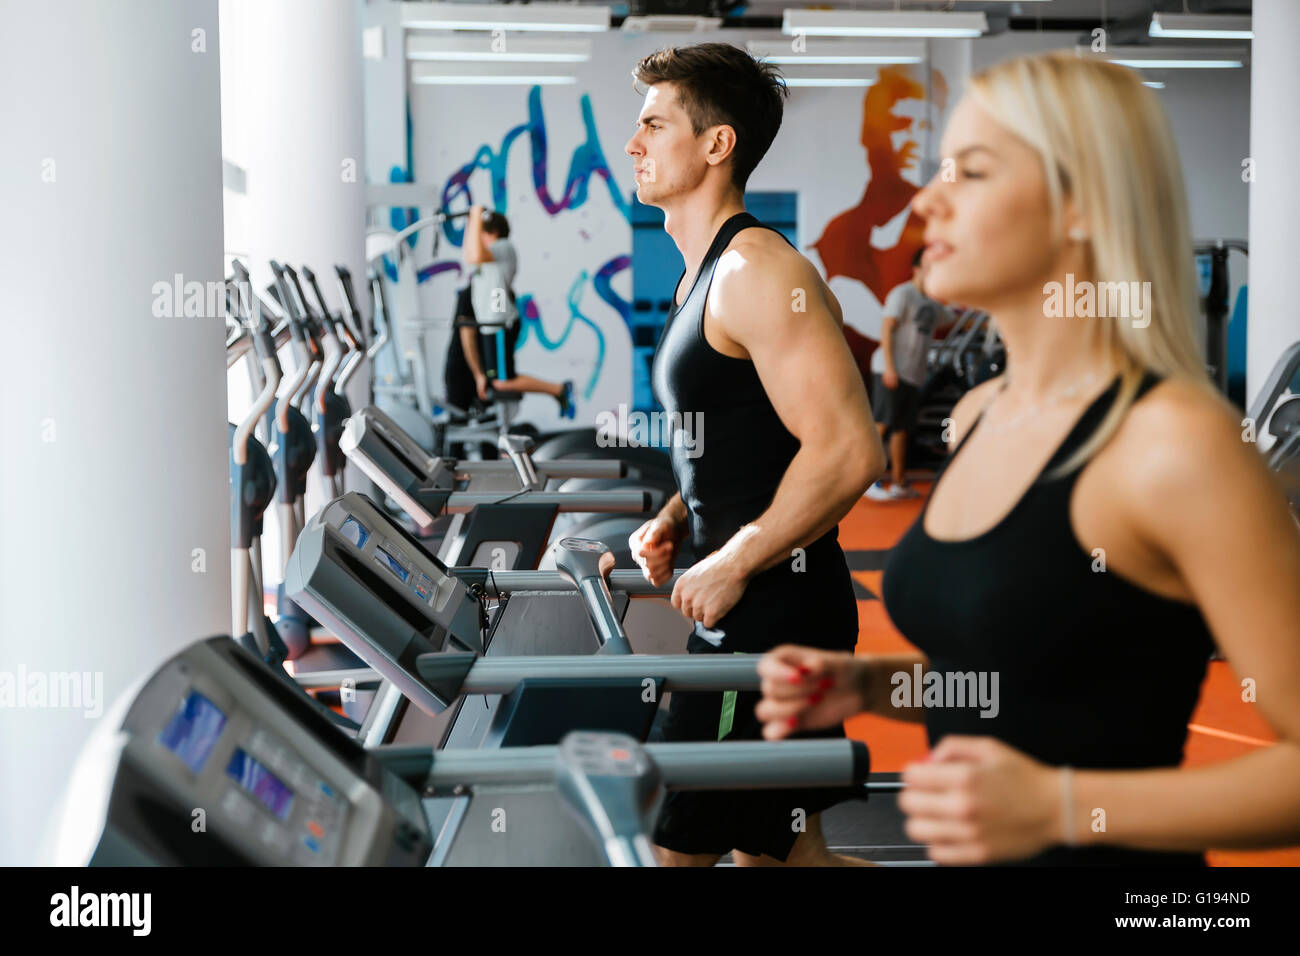 Menschen laufen auf Laufbänder im Fitness-Studio, Körper in Form zu halten Stockbild